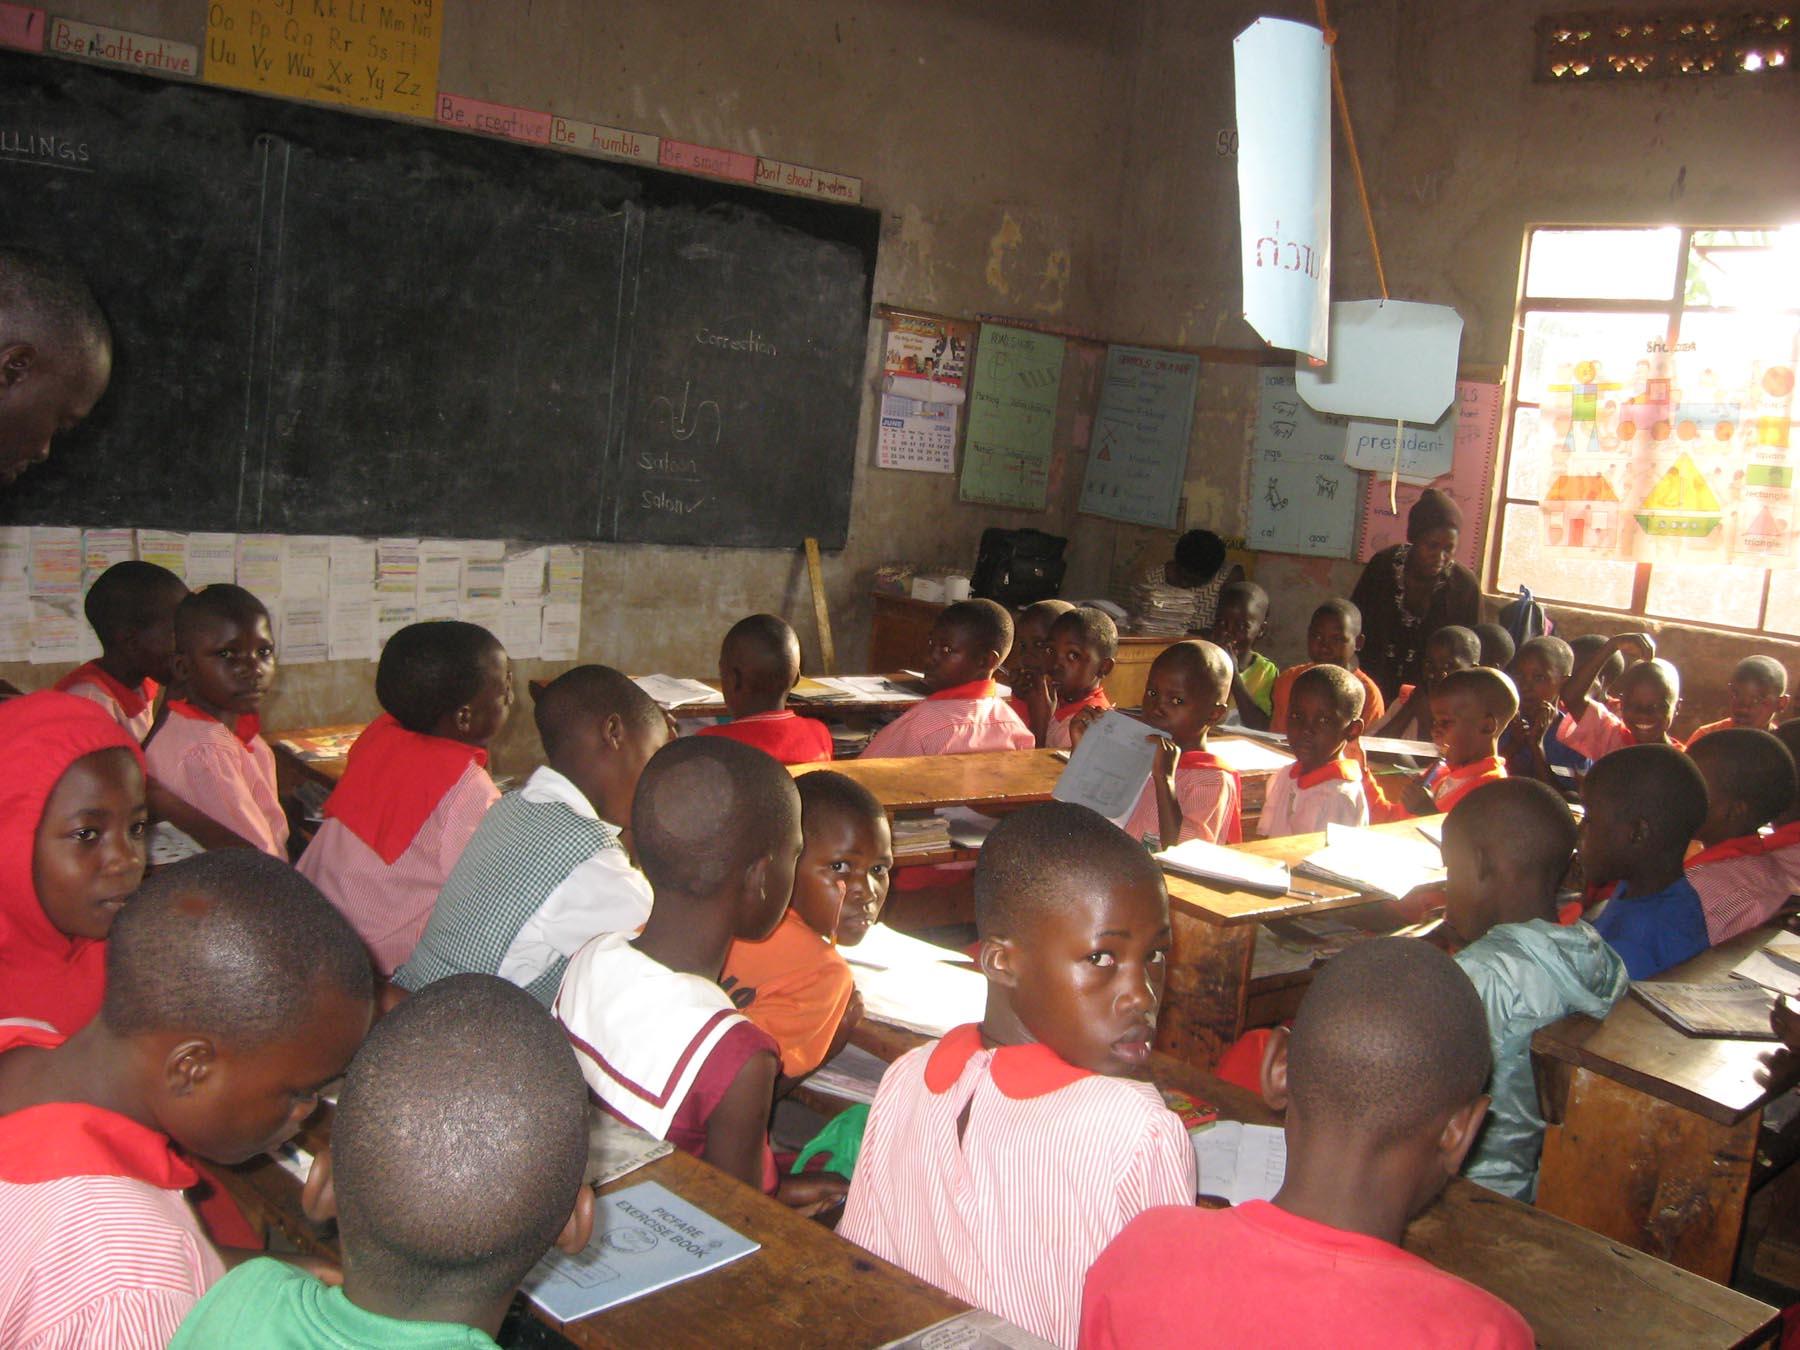 Escuela en Uganda